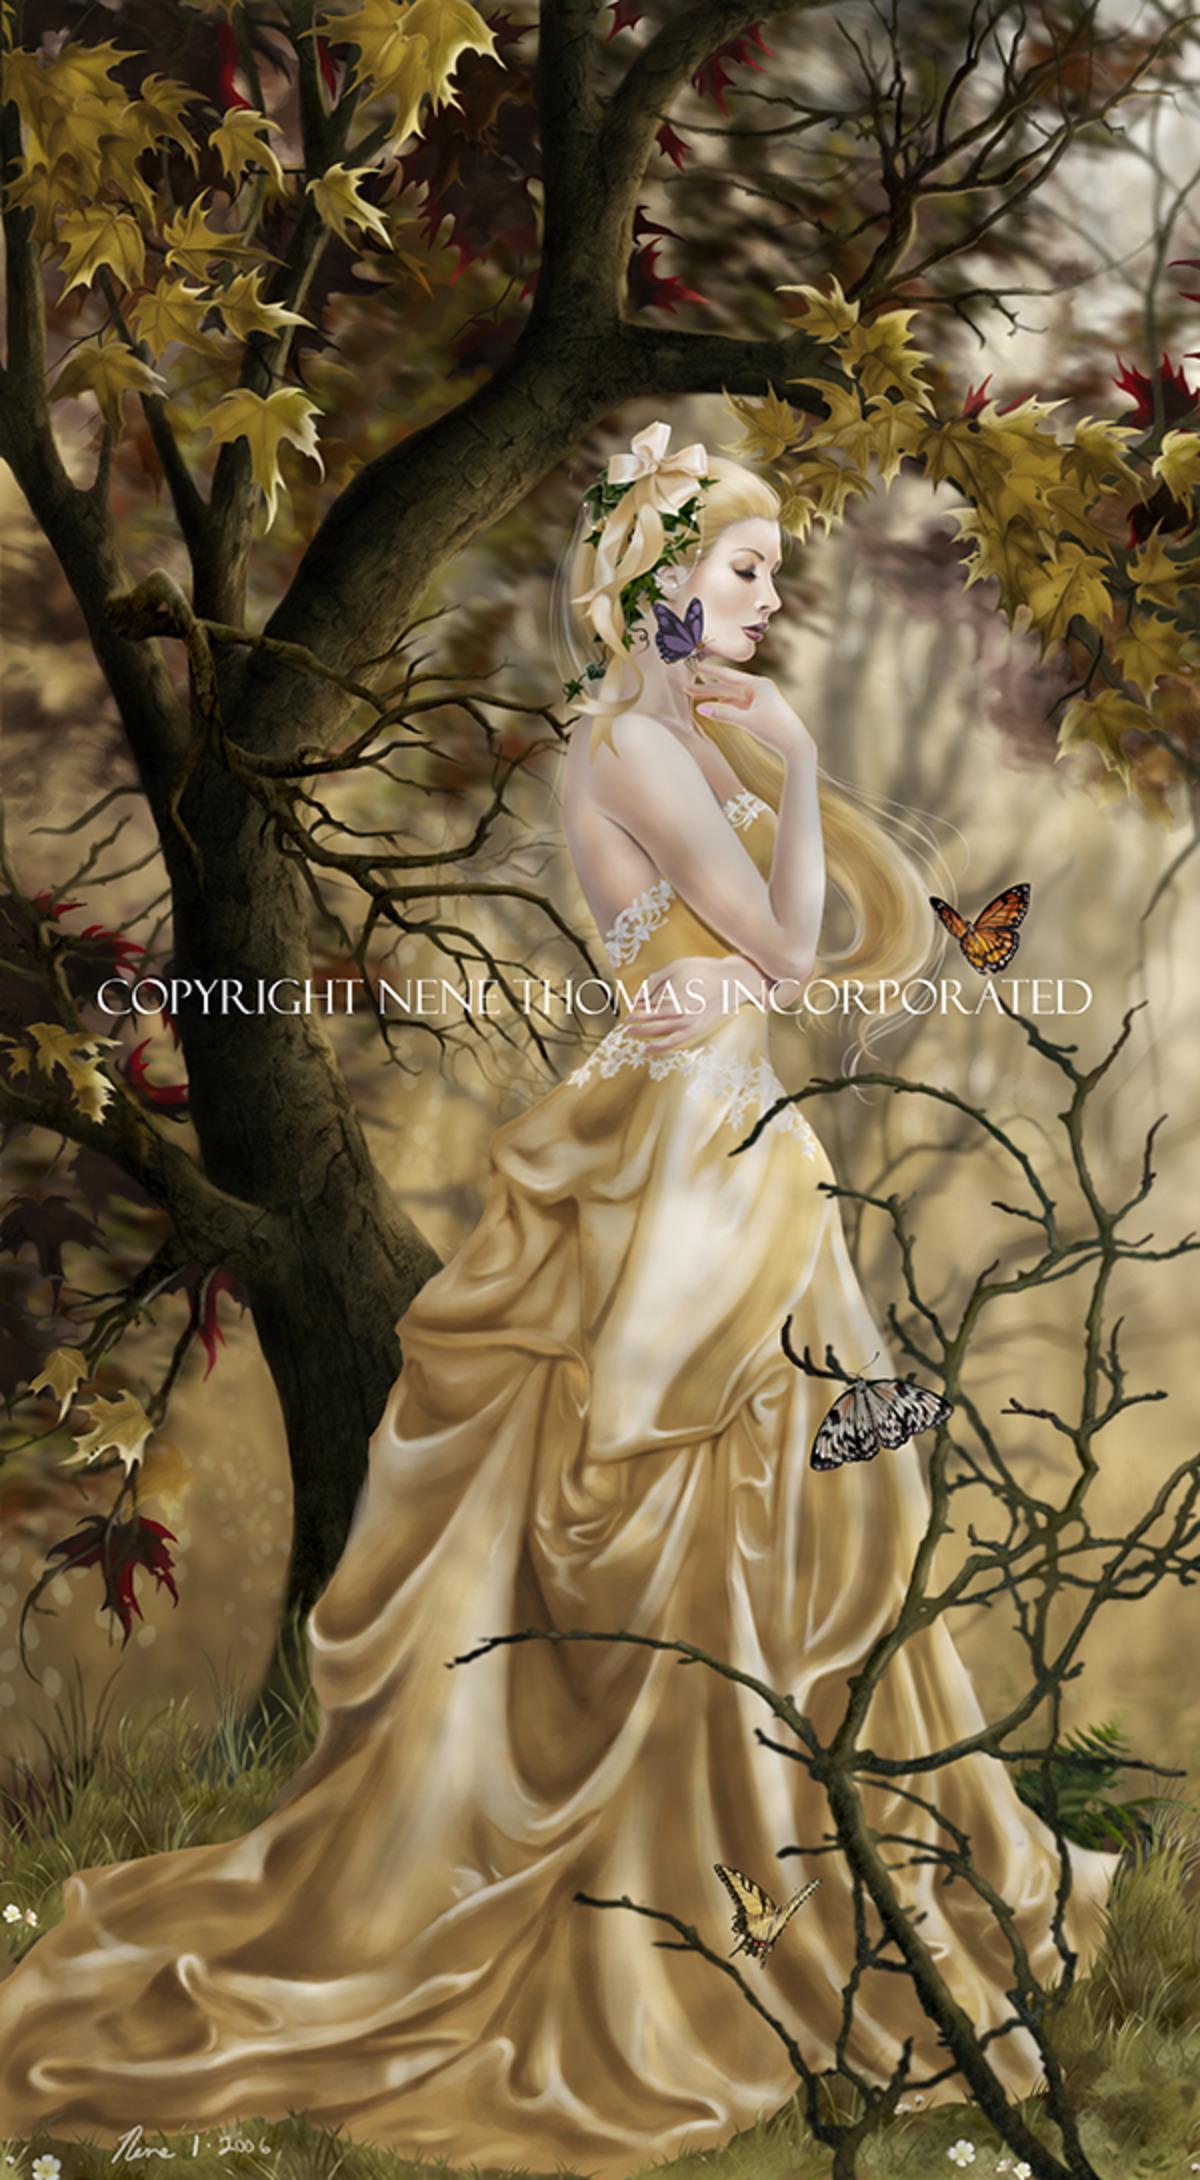 Last Queen of Illymar